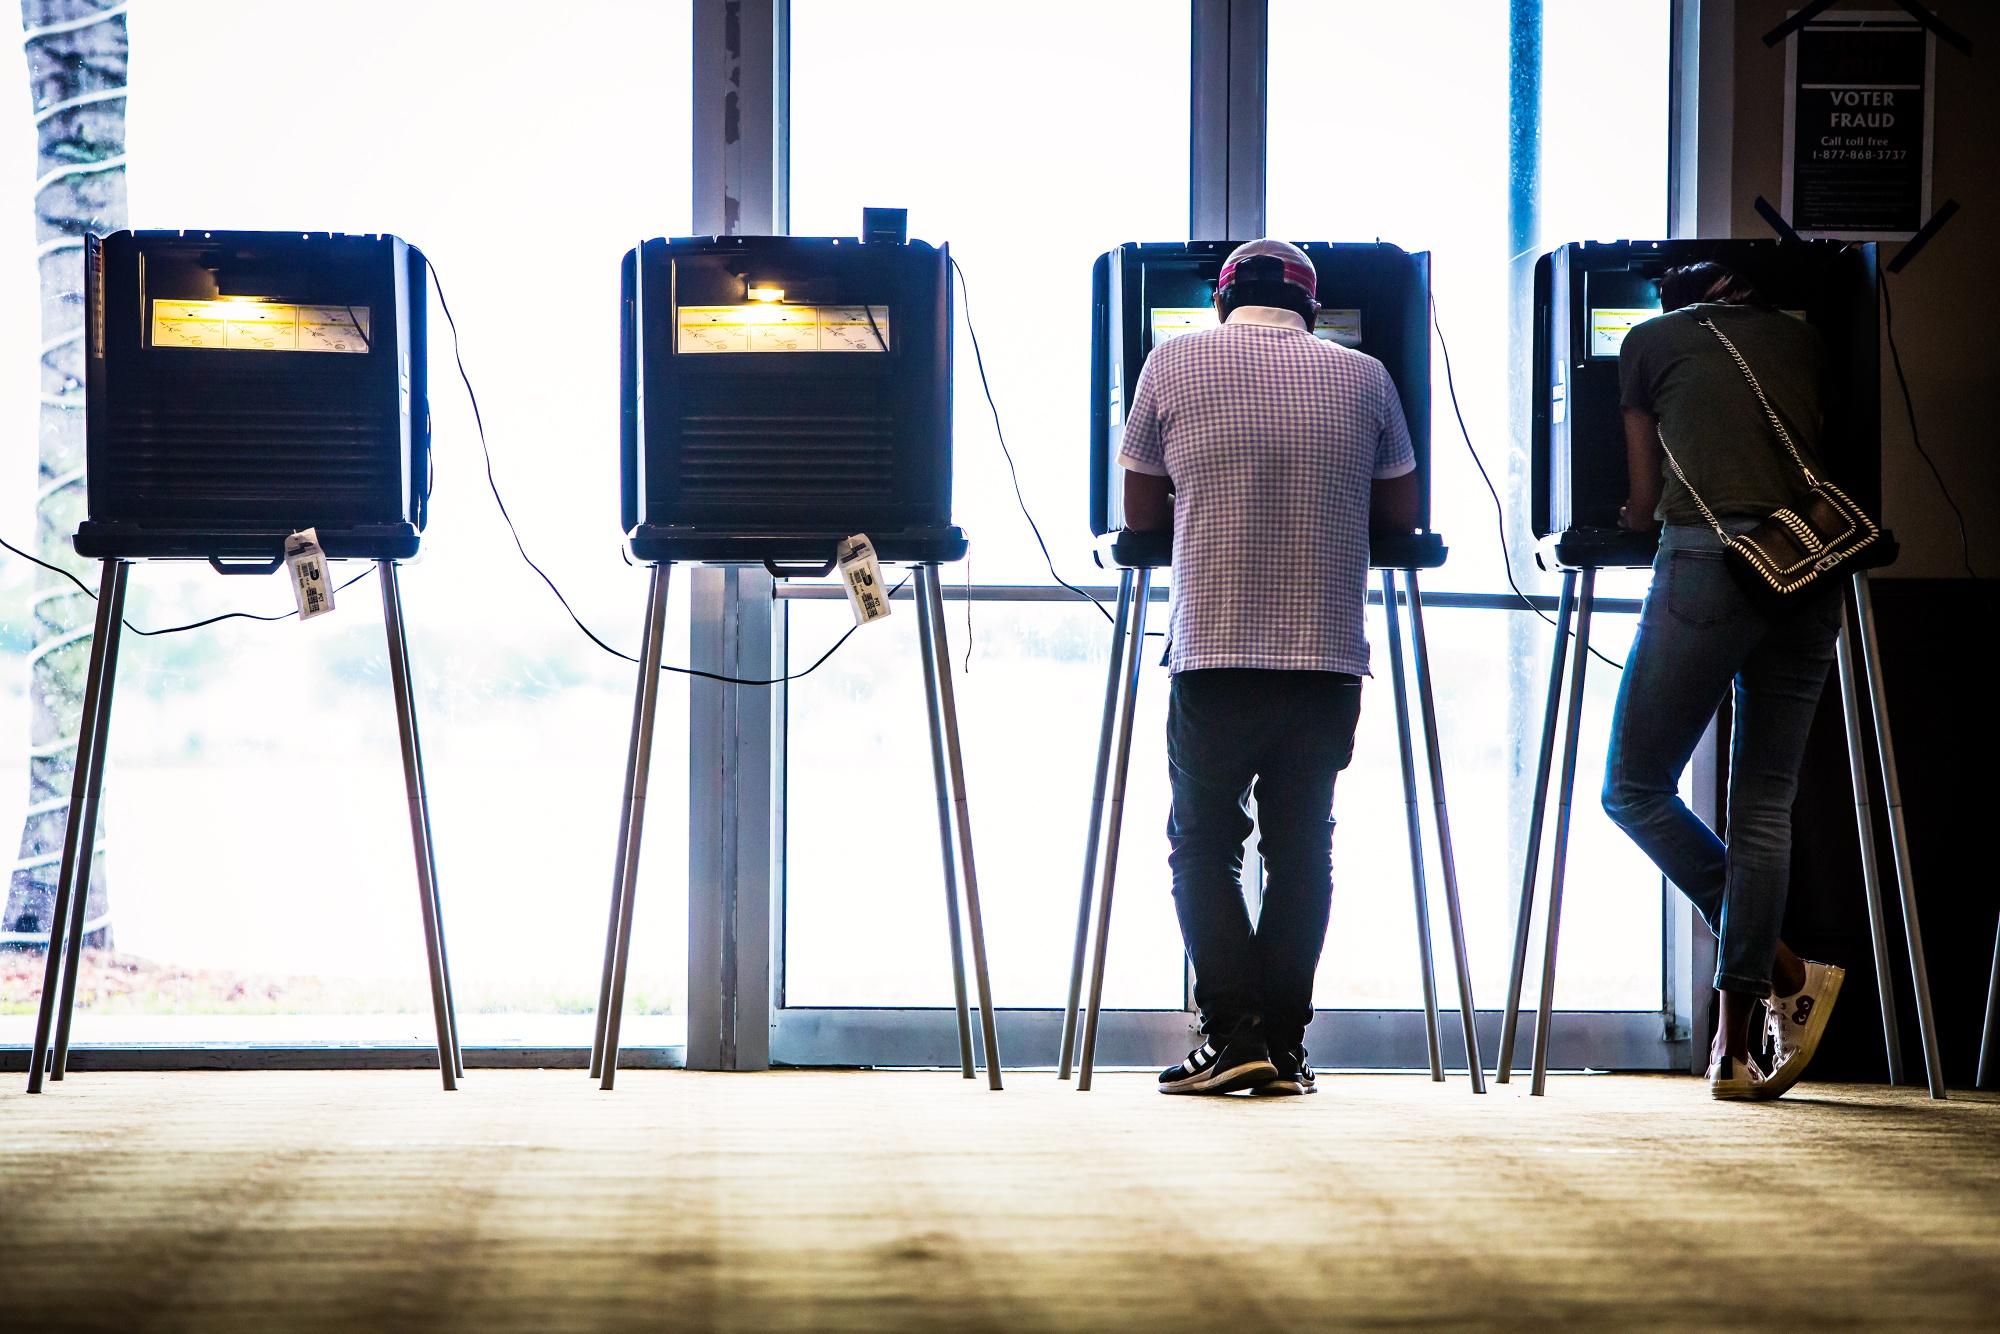 Dialysis Clinics Fight California Referendum to Cap Revenue